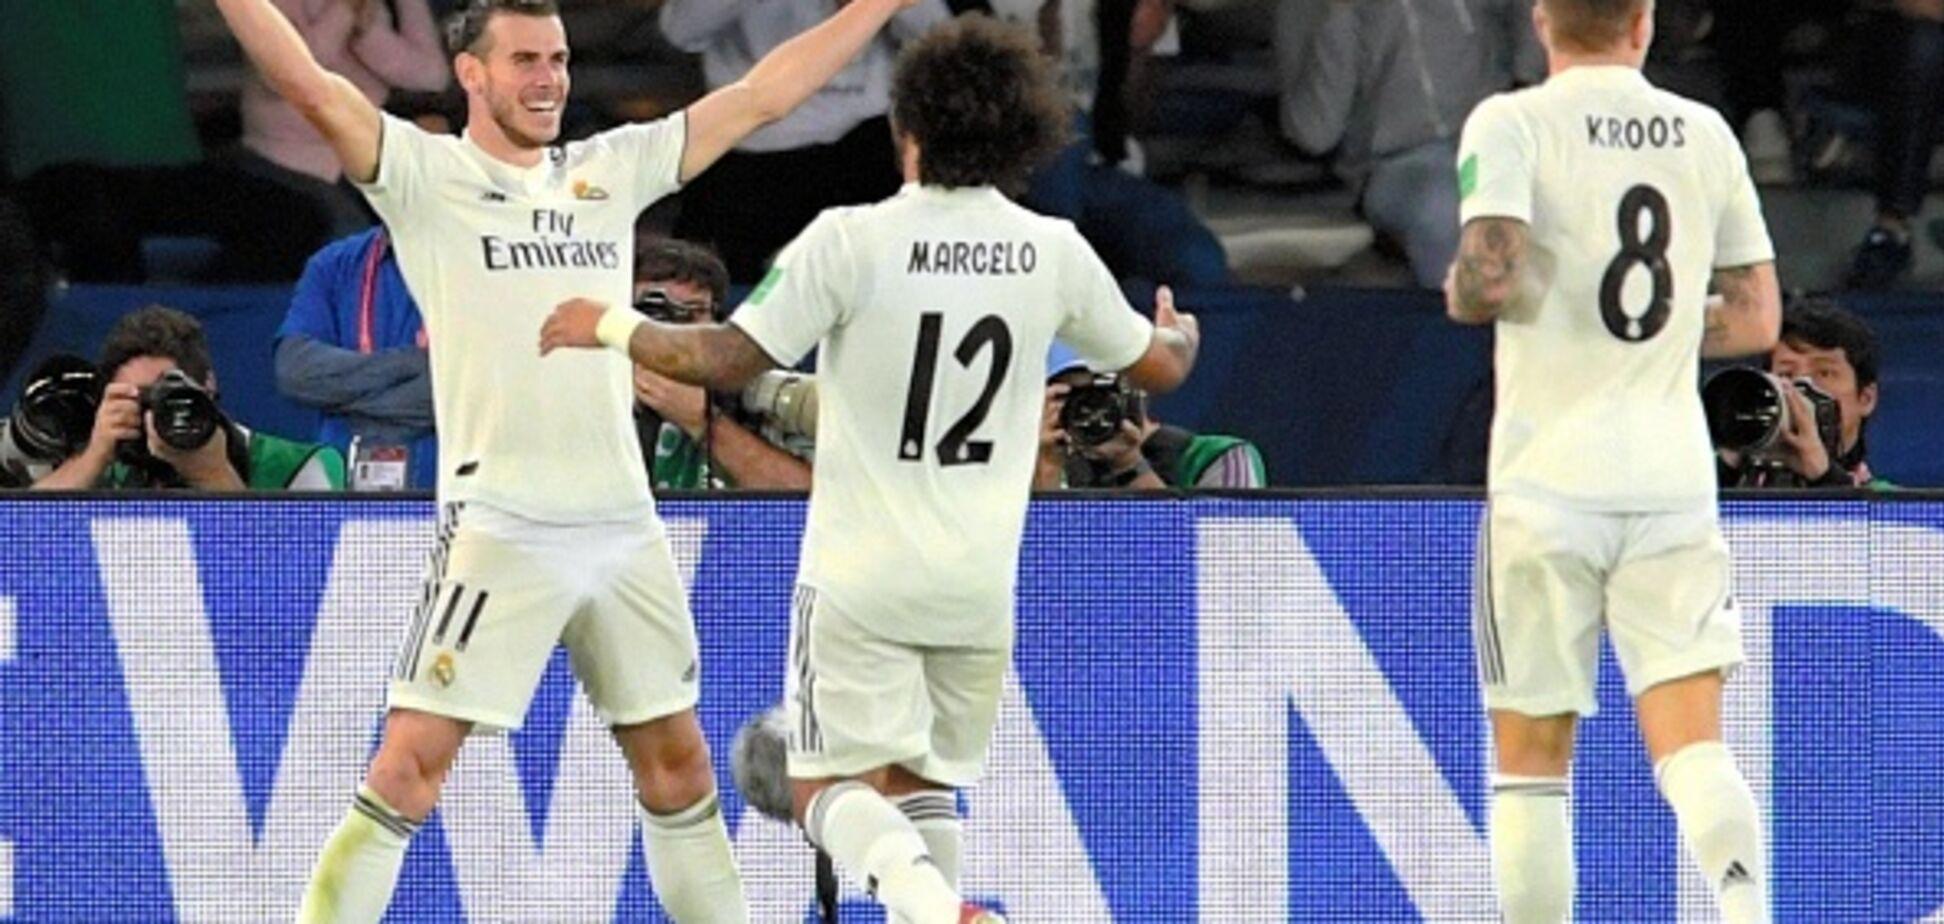 Реал – Аль-Айн: де дивитися онлайн фінал клубного чемпіонату світу